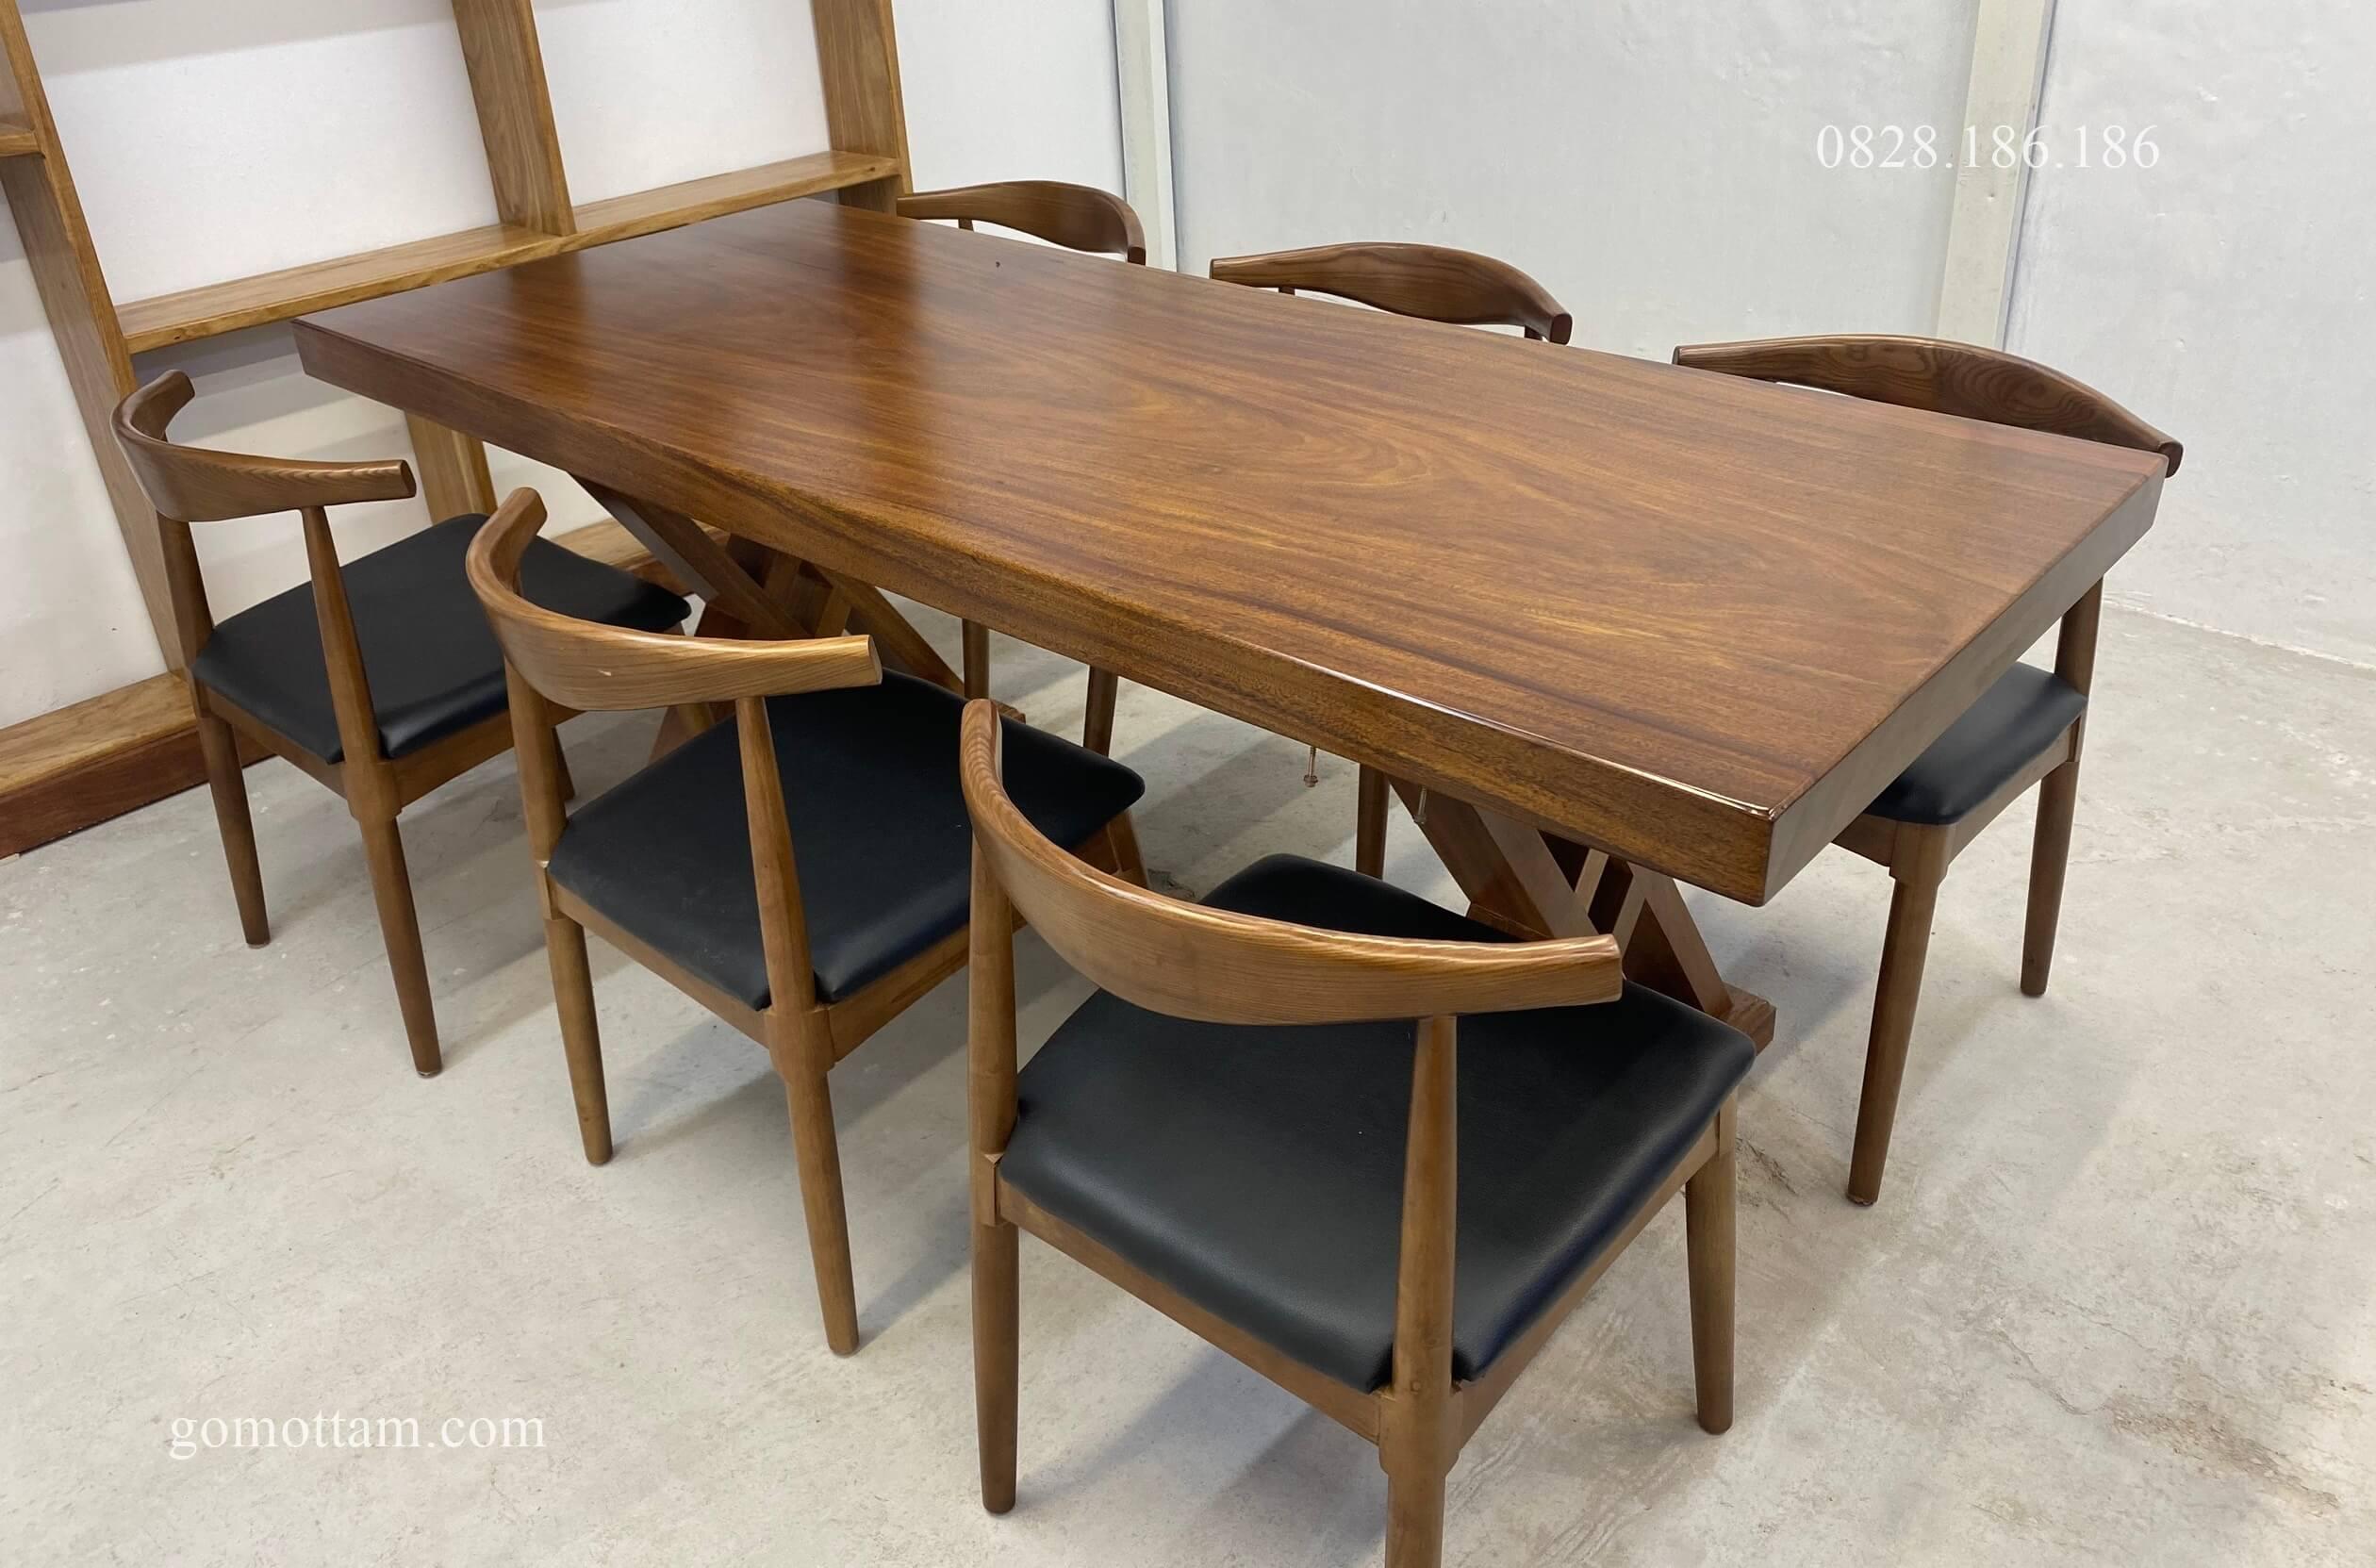 bộ bàn ăn gỗ lim nguyên khối 1